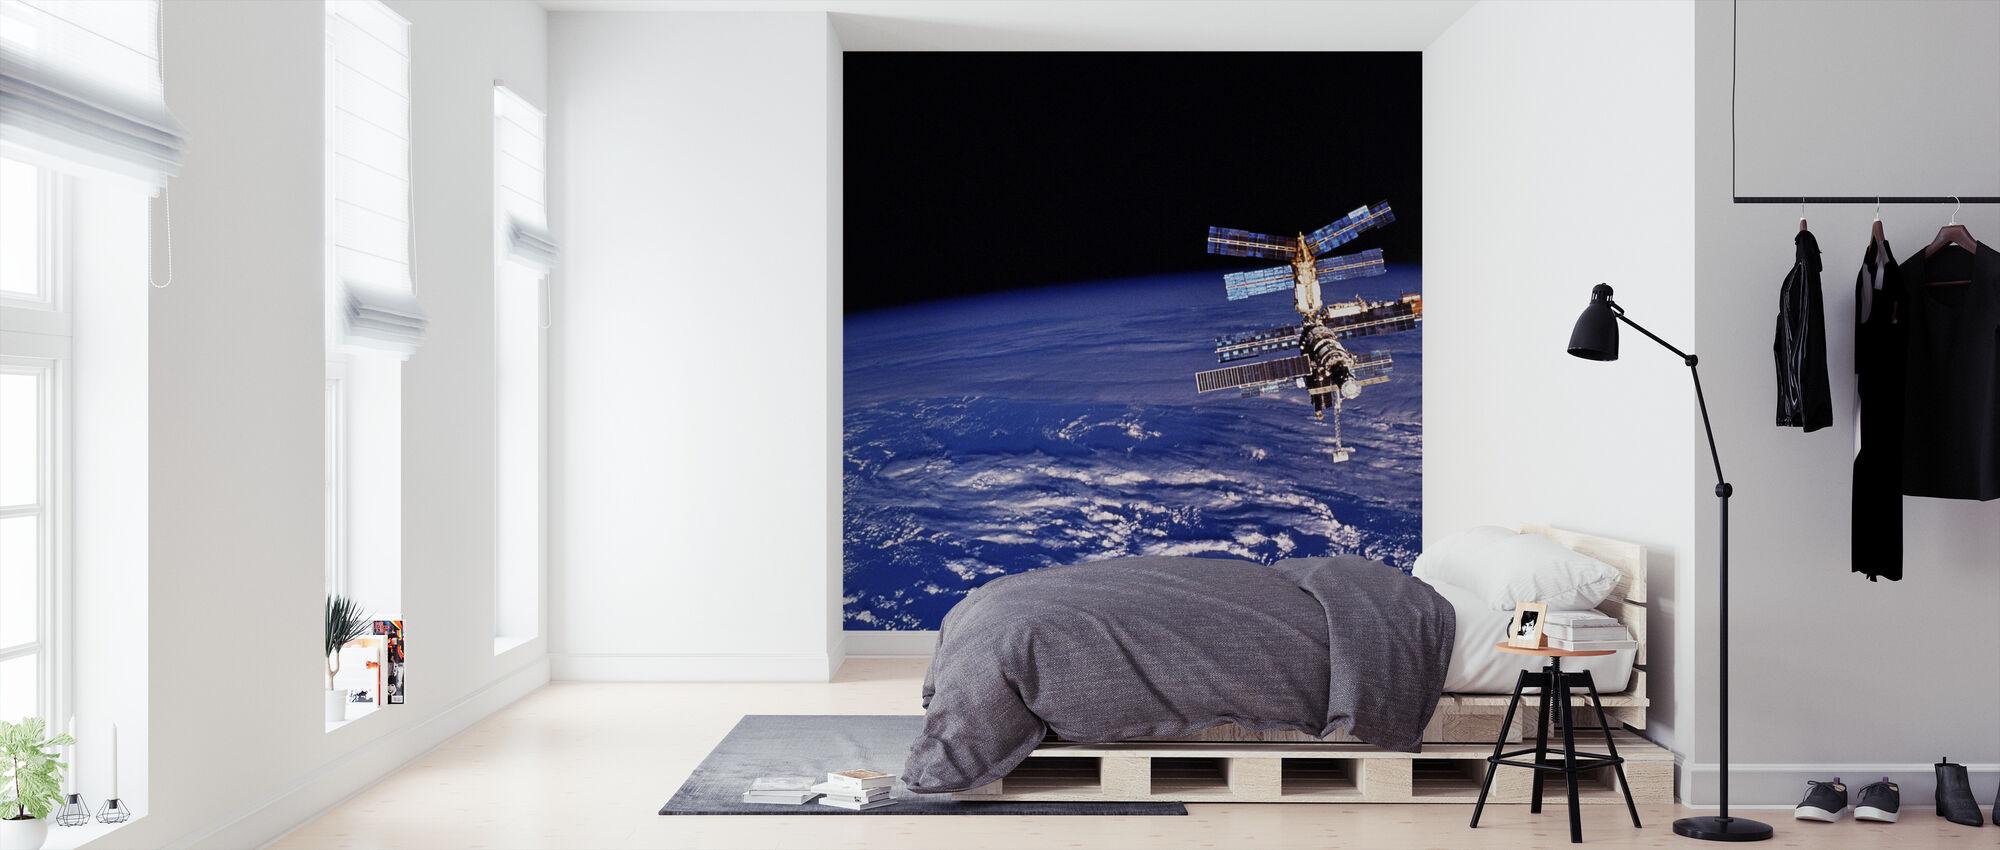 Mir Space stasjon - Tapet - Soverom